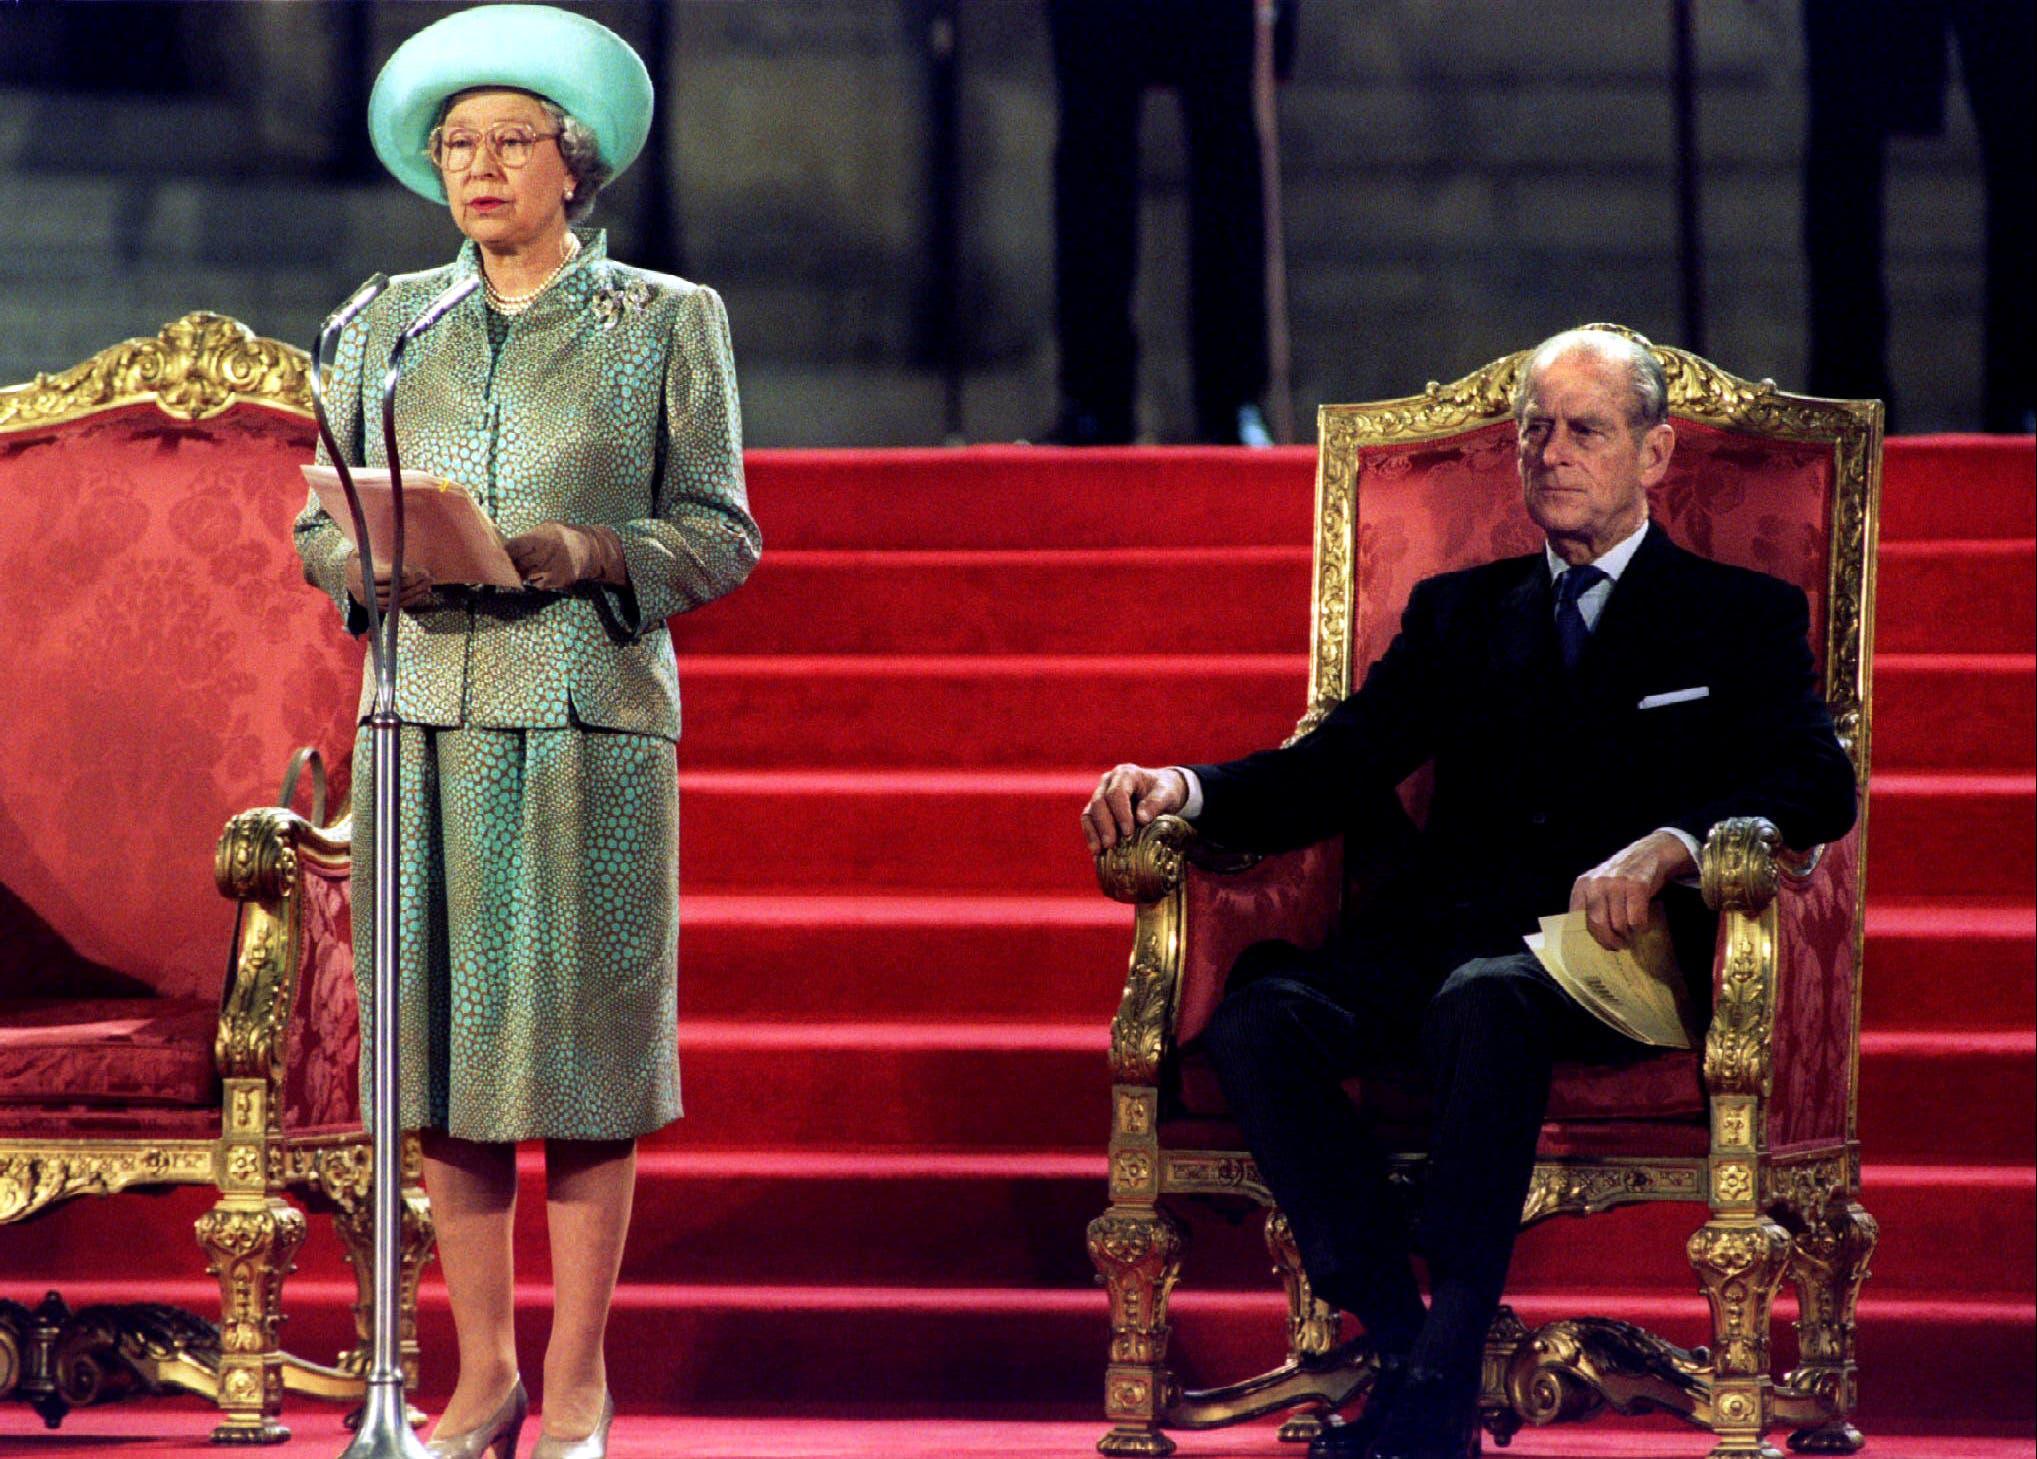 الملكة  اليزابيث والأمير فيليب خلال مناسبة في 1995